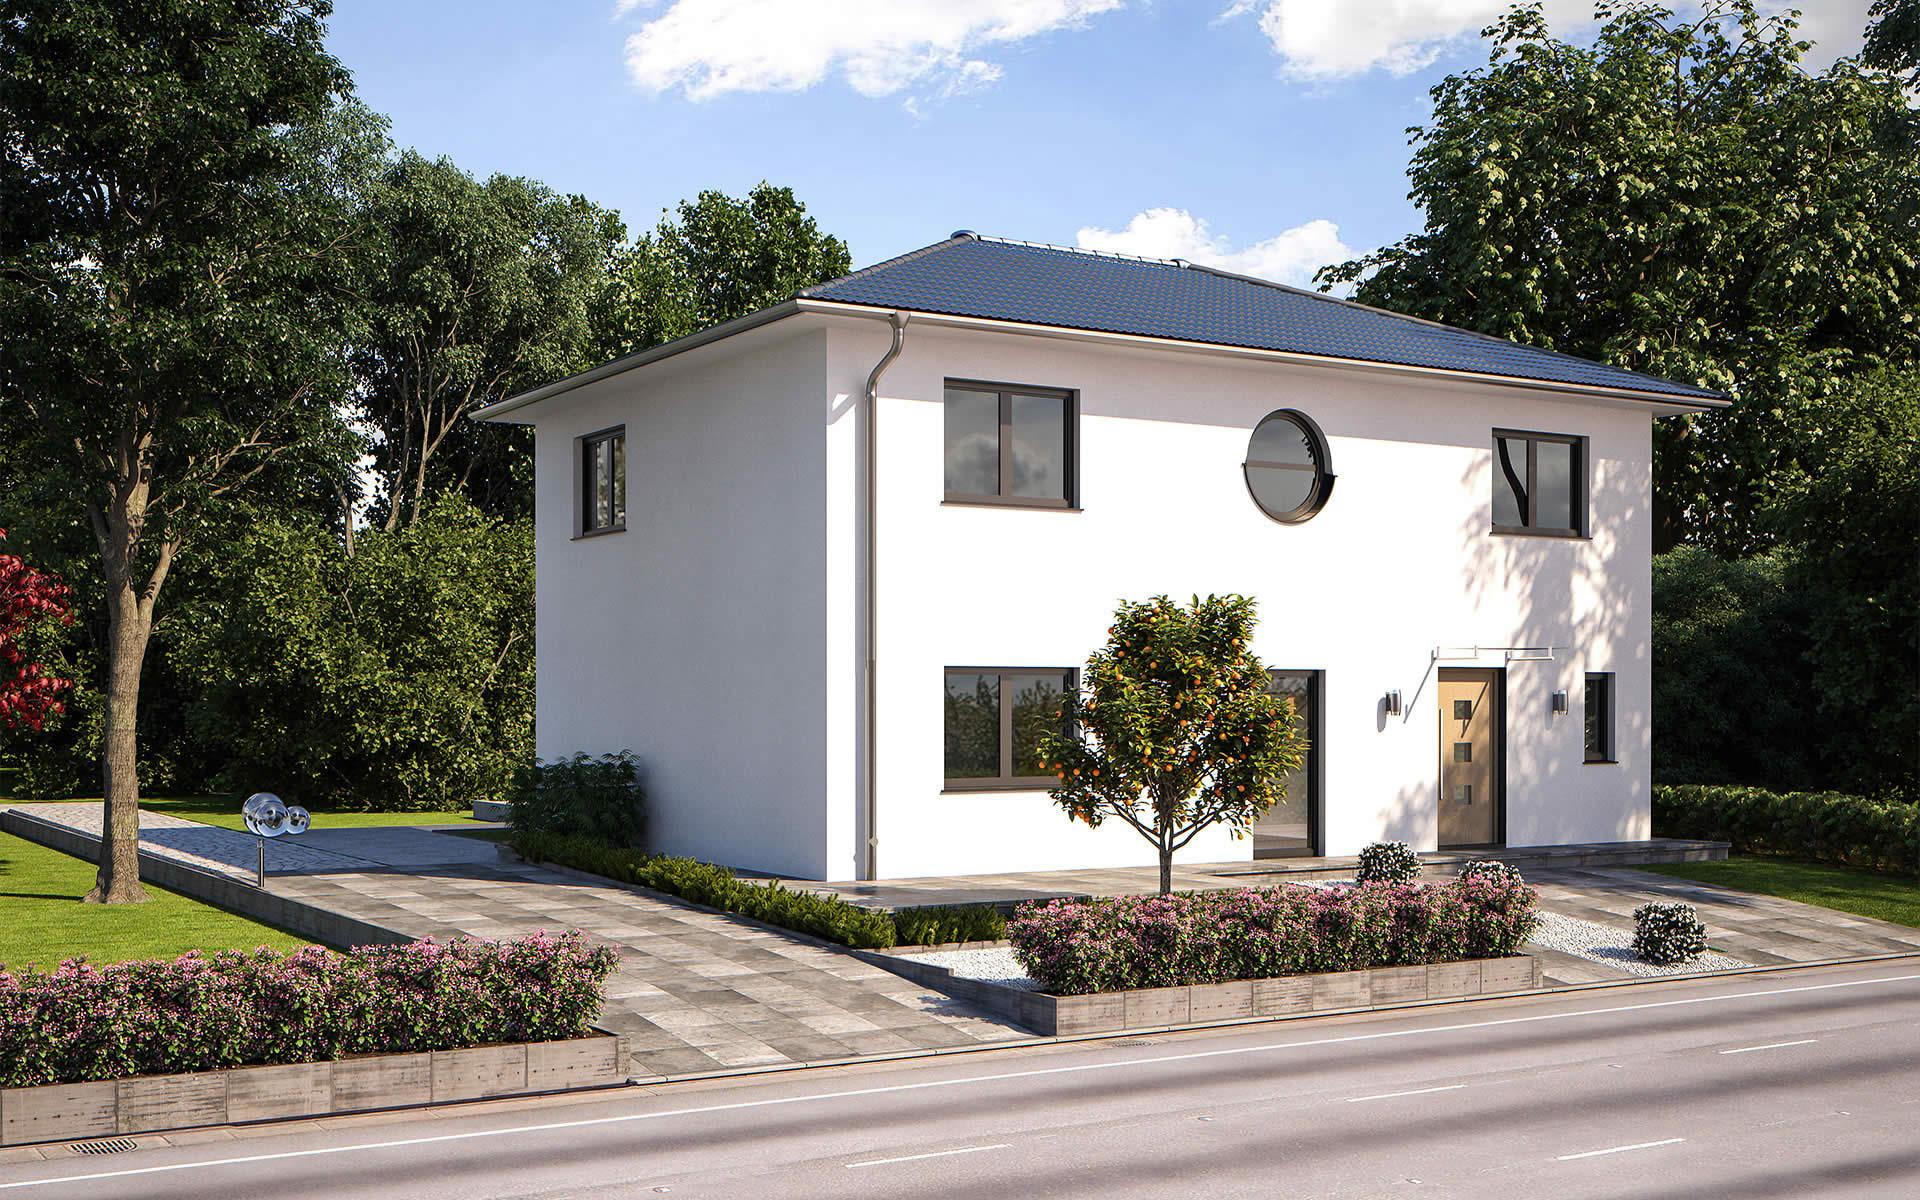 Eos 170 von Bärenhaus - das fertige Haus GmbH